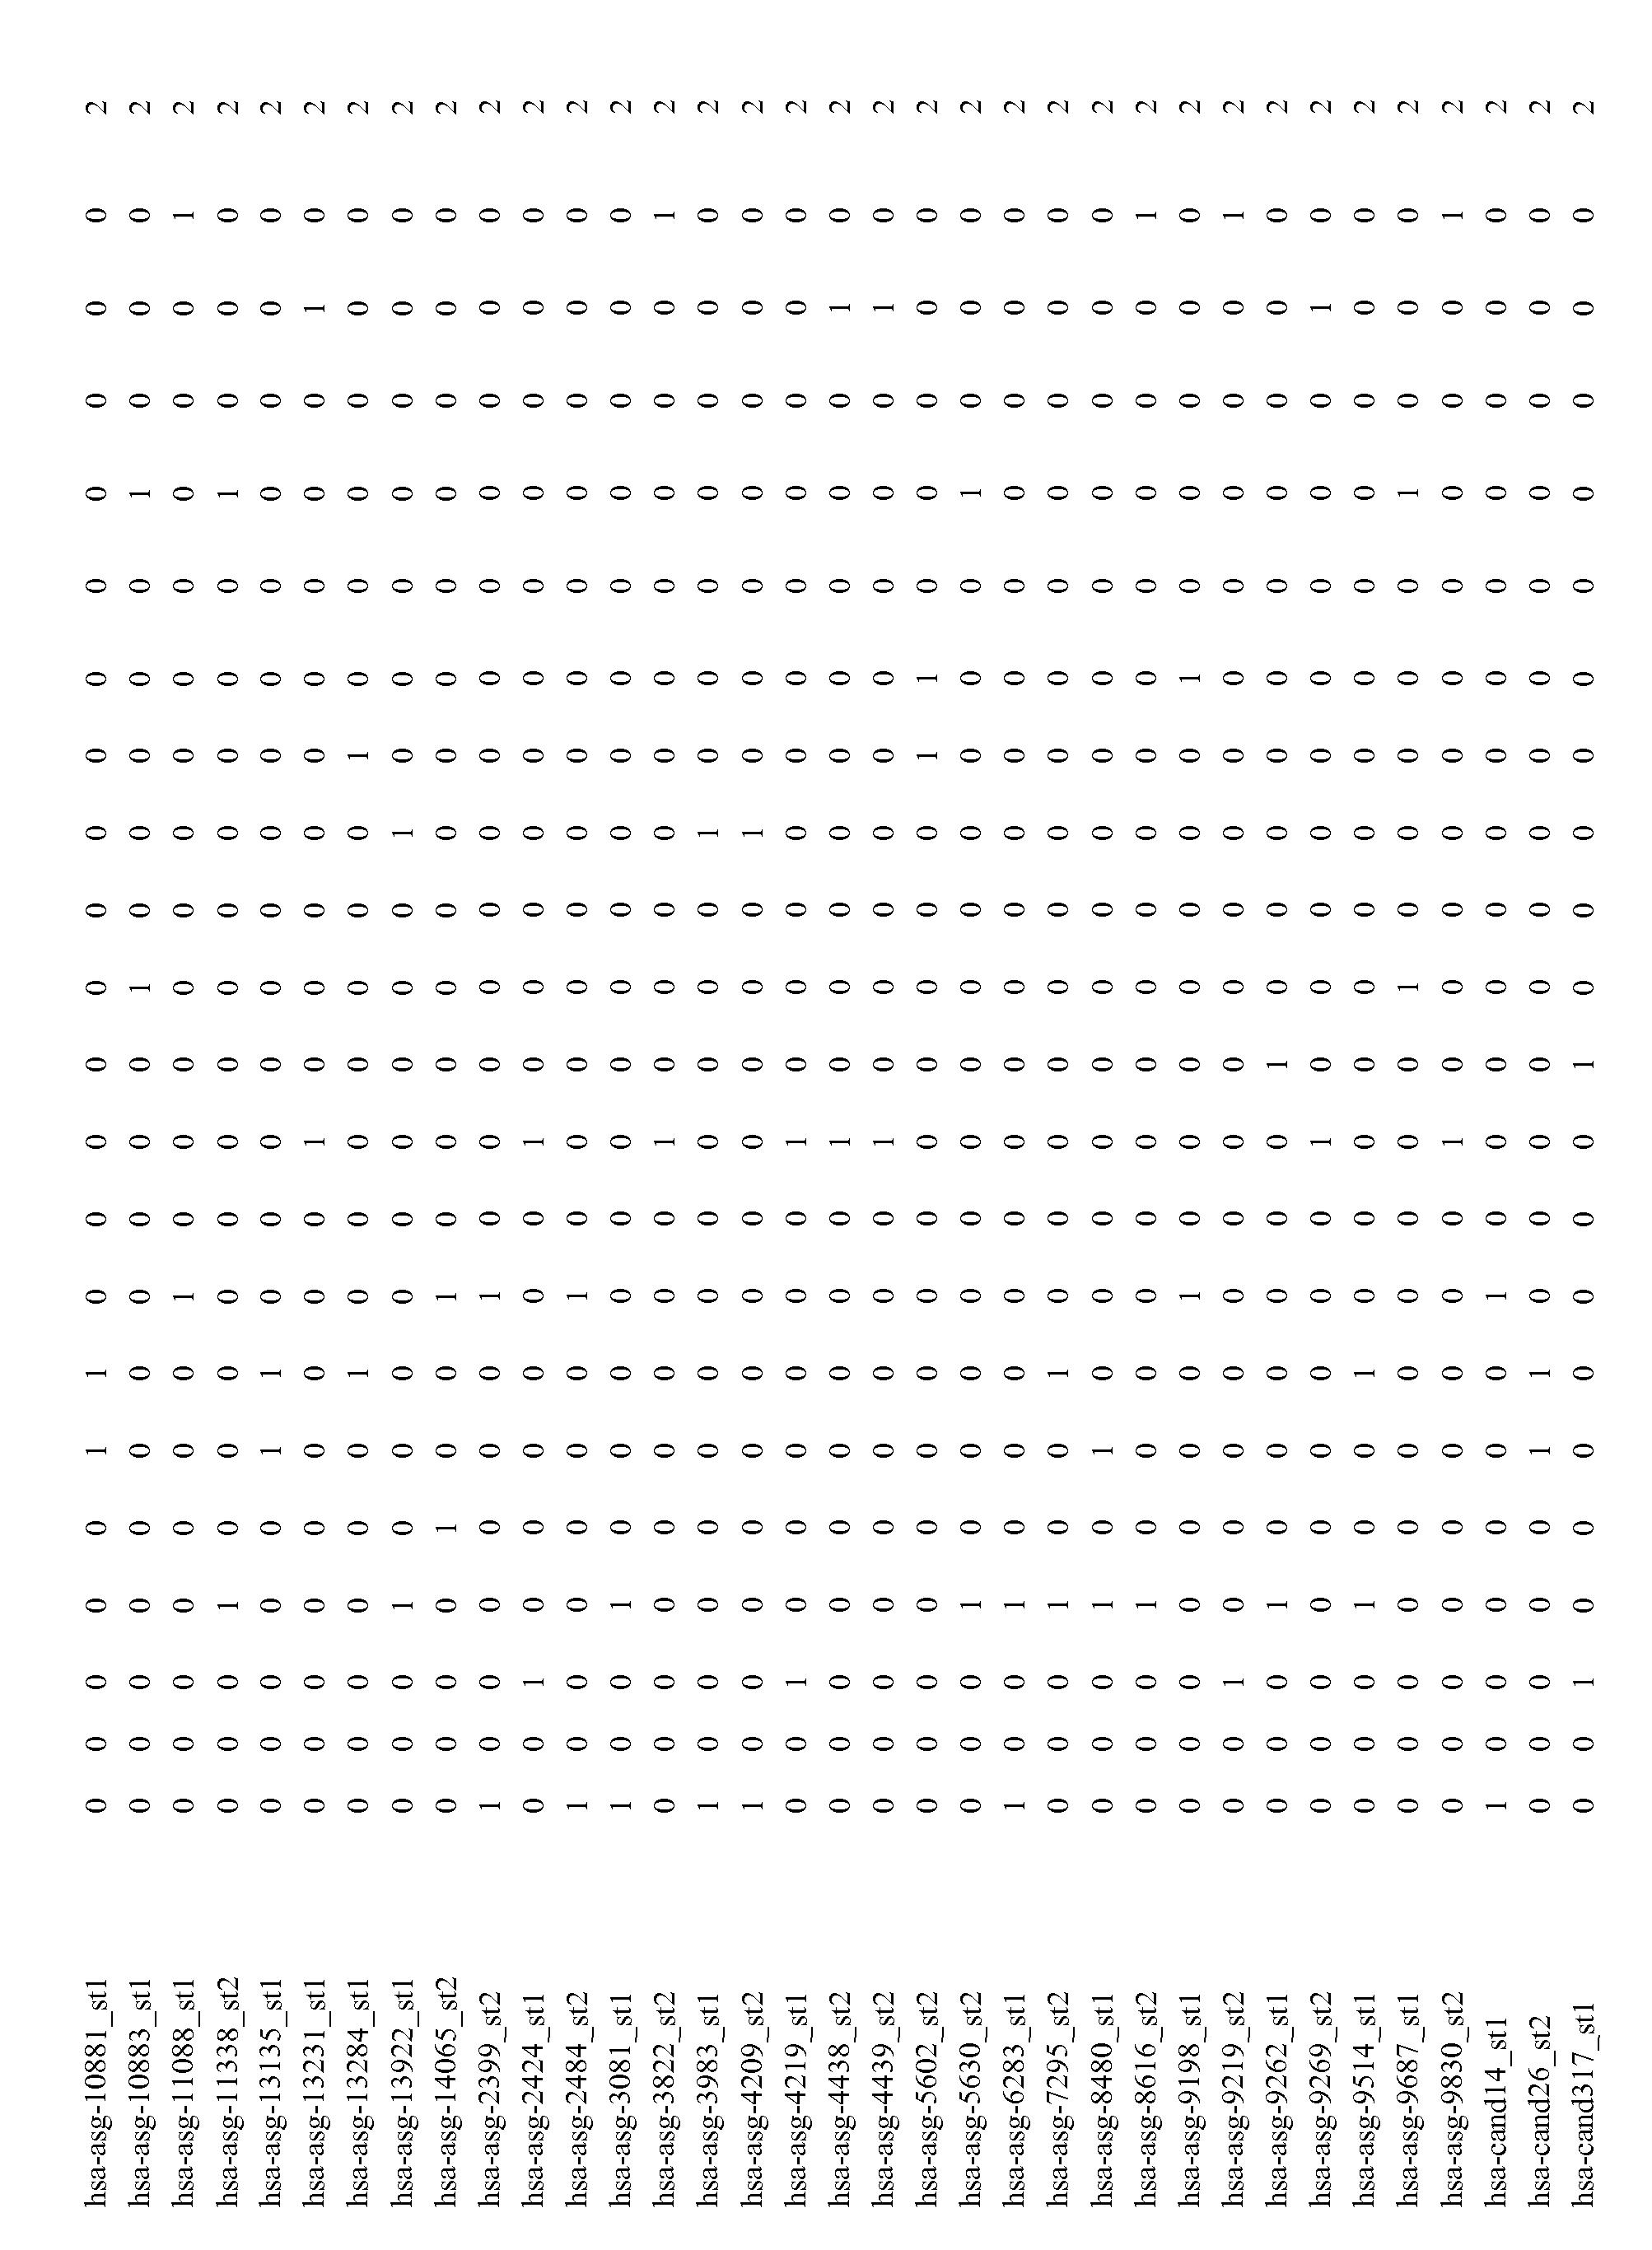 Figure imgf000383_0001